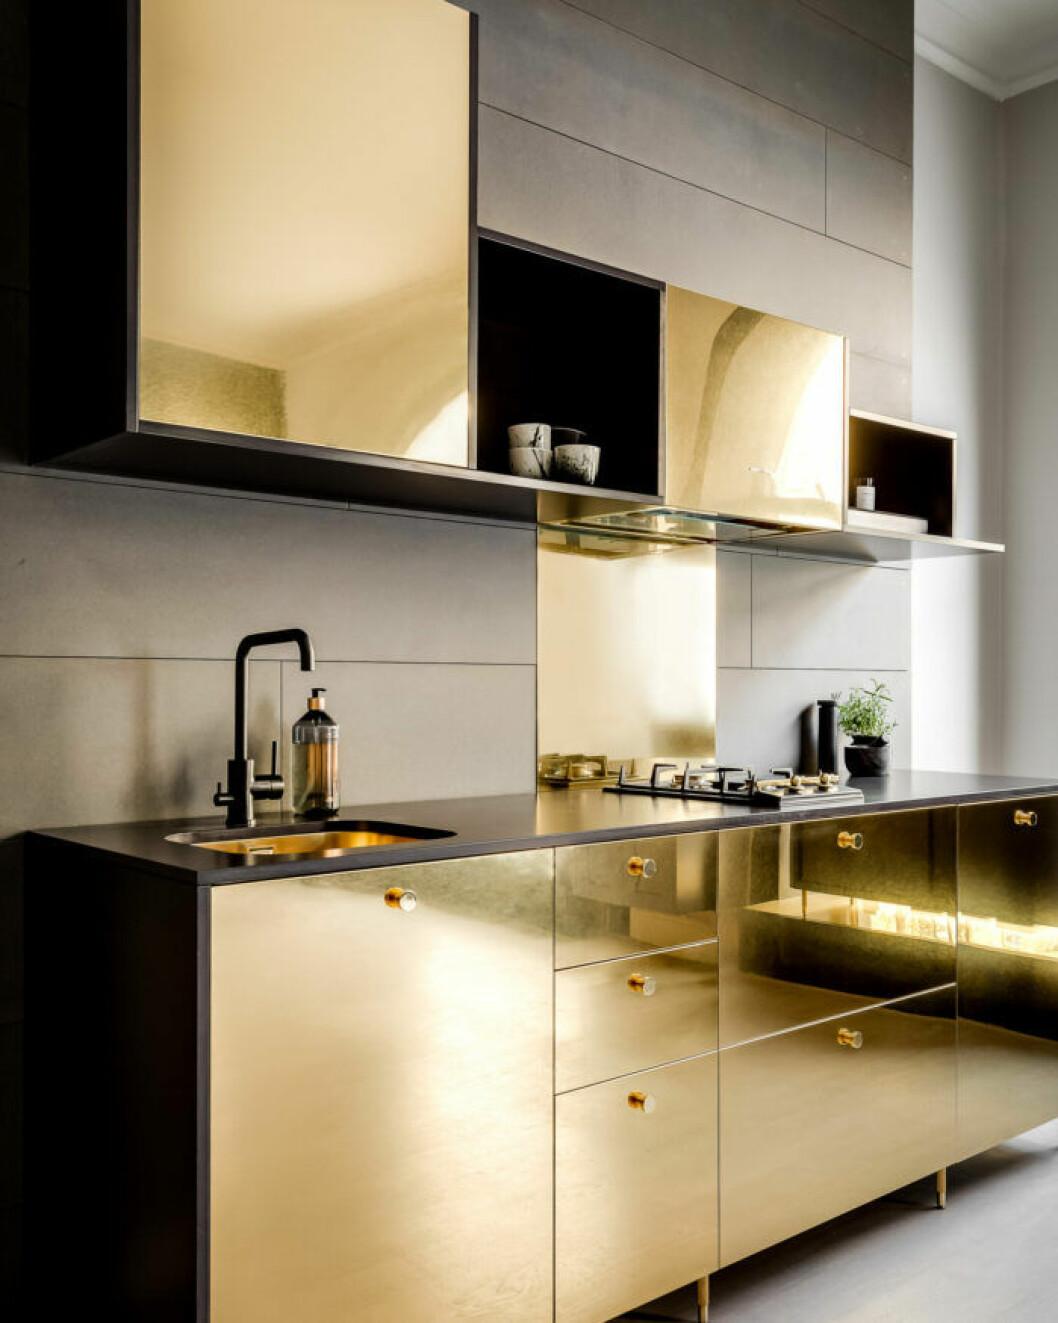 Guldkant är ett exklusivt designsamarbete mellan Picky living och Triss